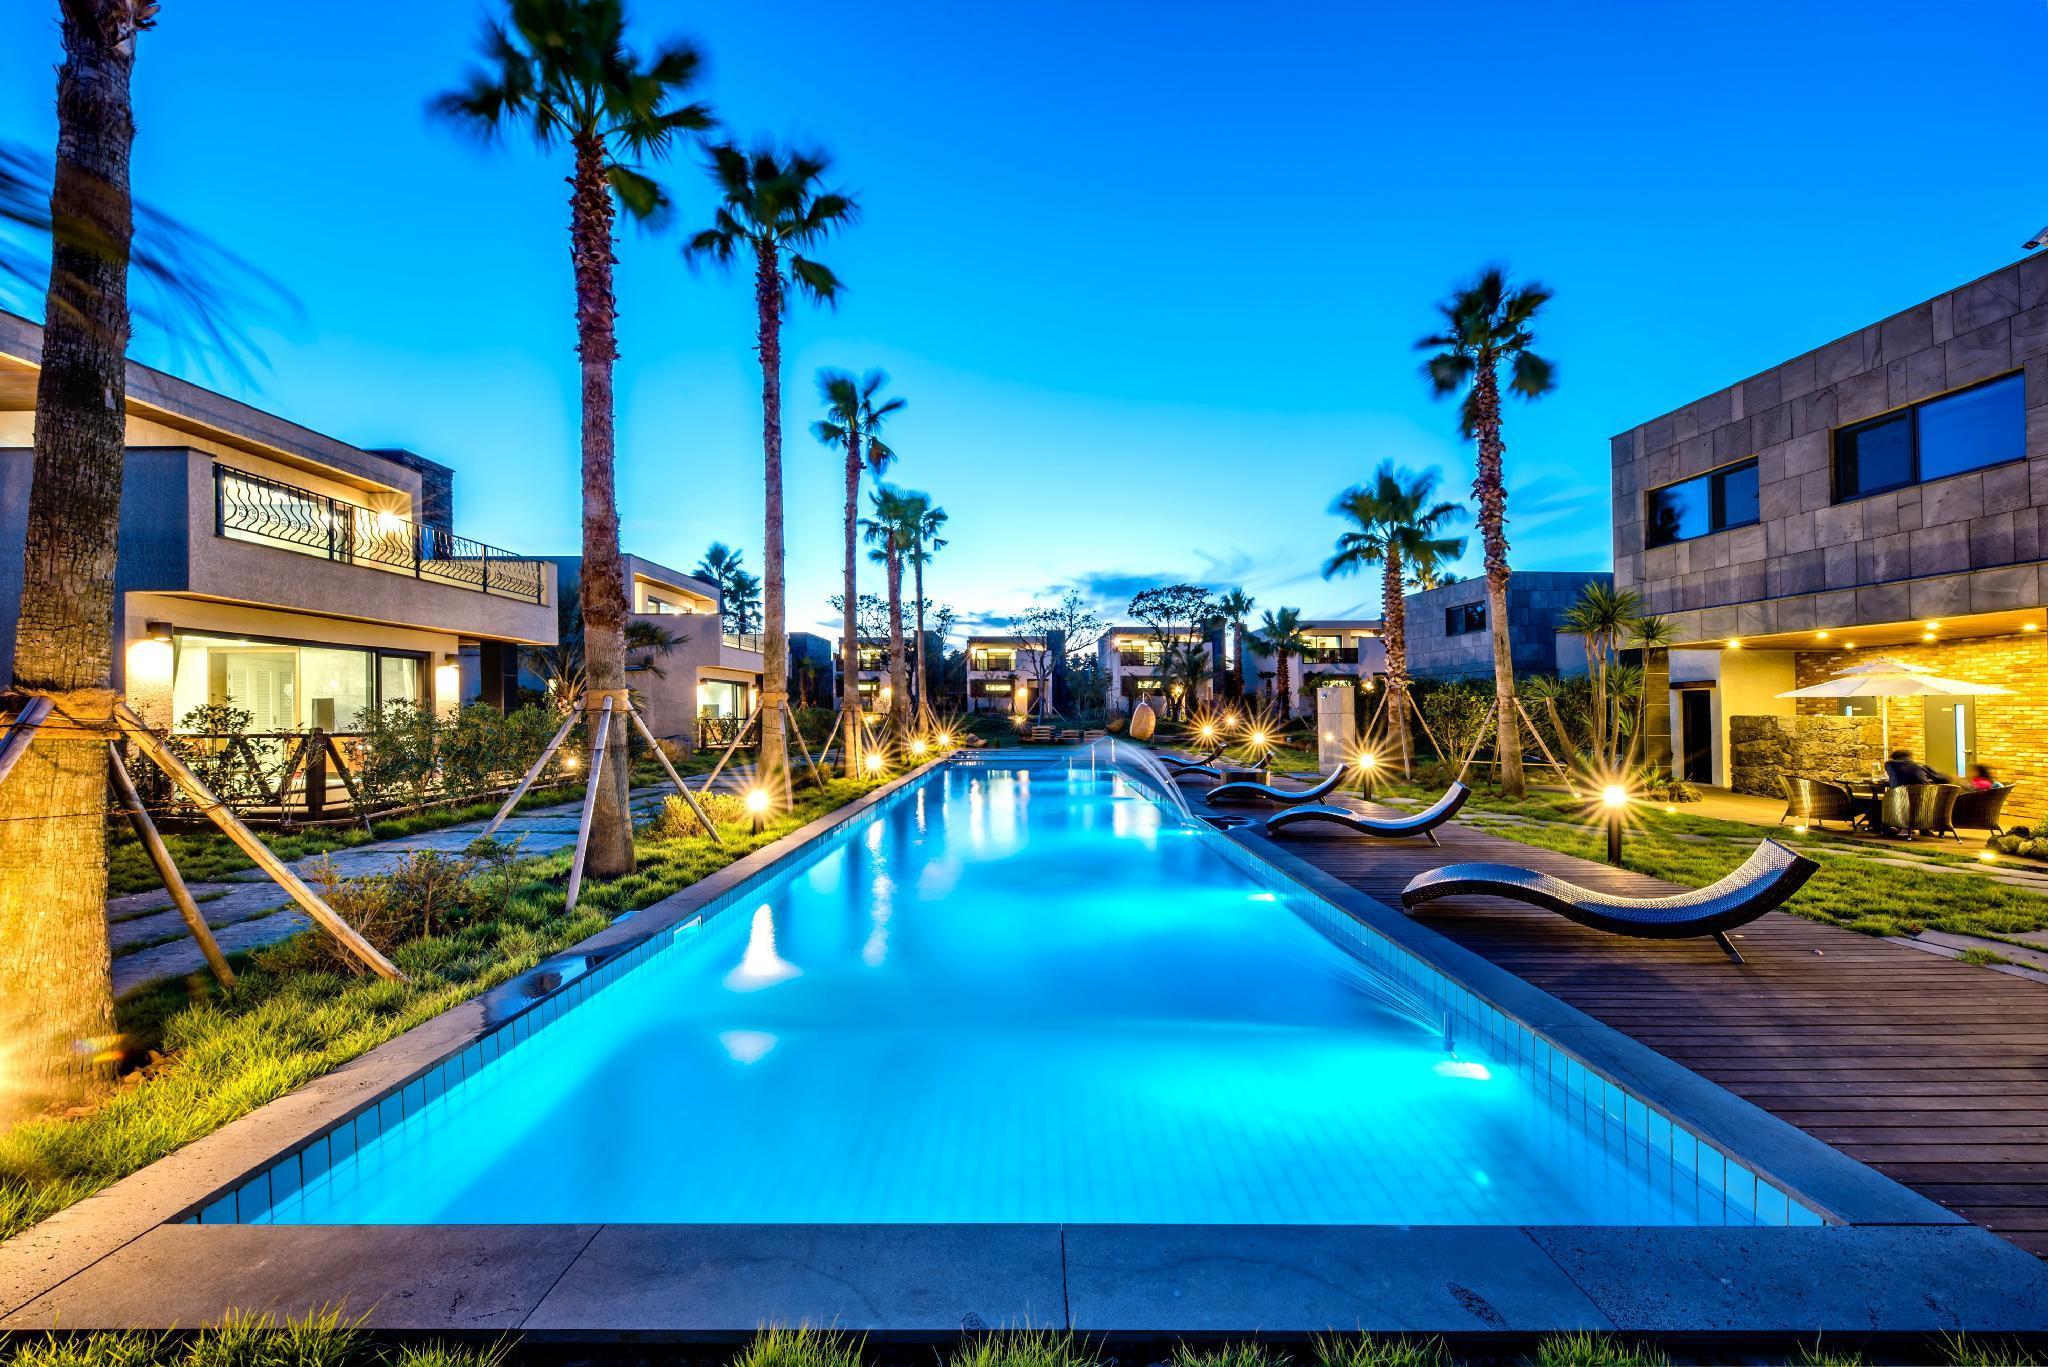 Arts Spa and Pool Villa